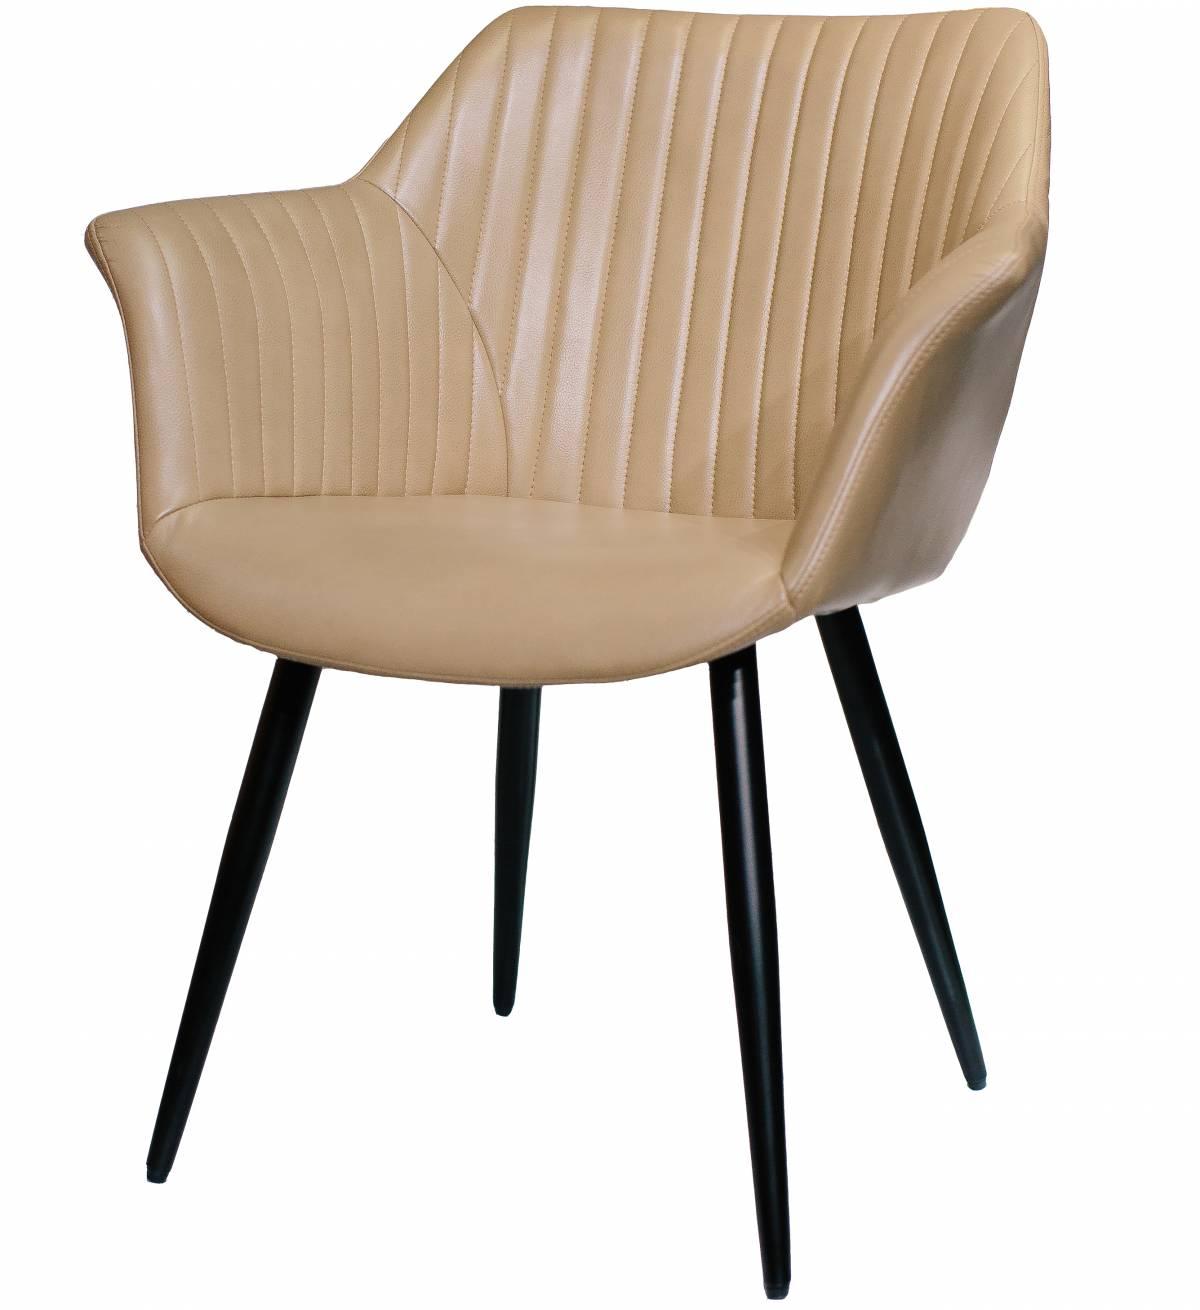 Купить стул с подлокотниками Blues в Raroom